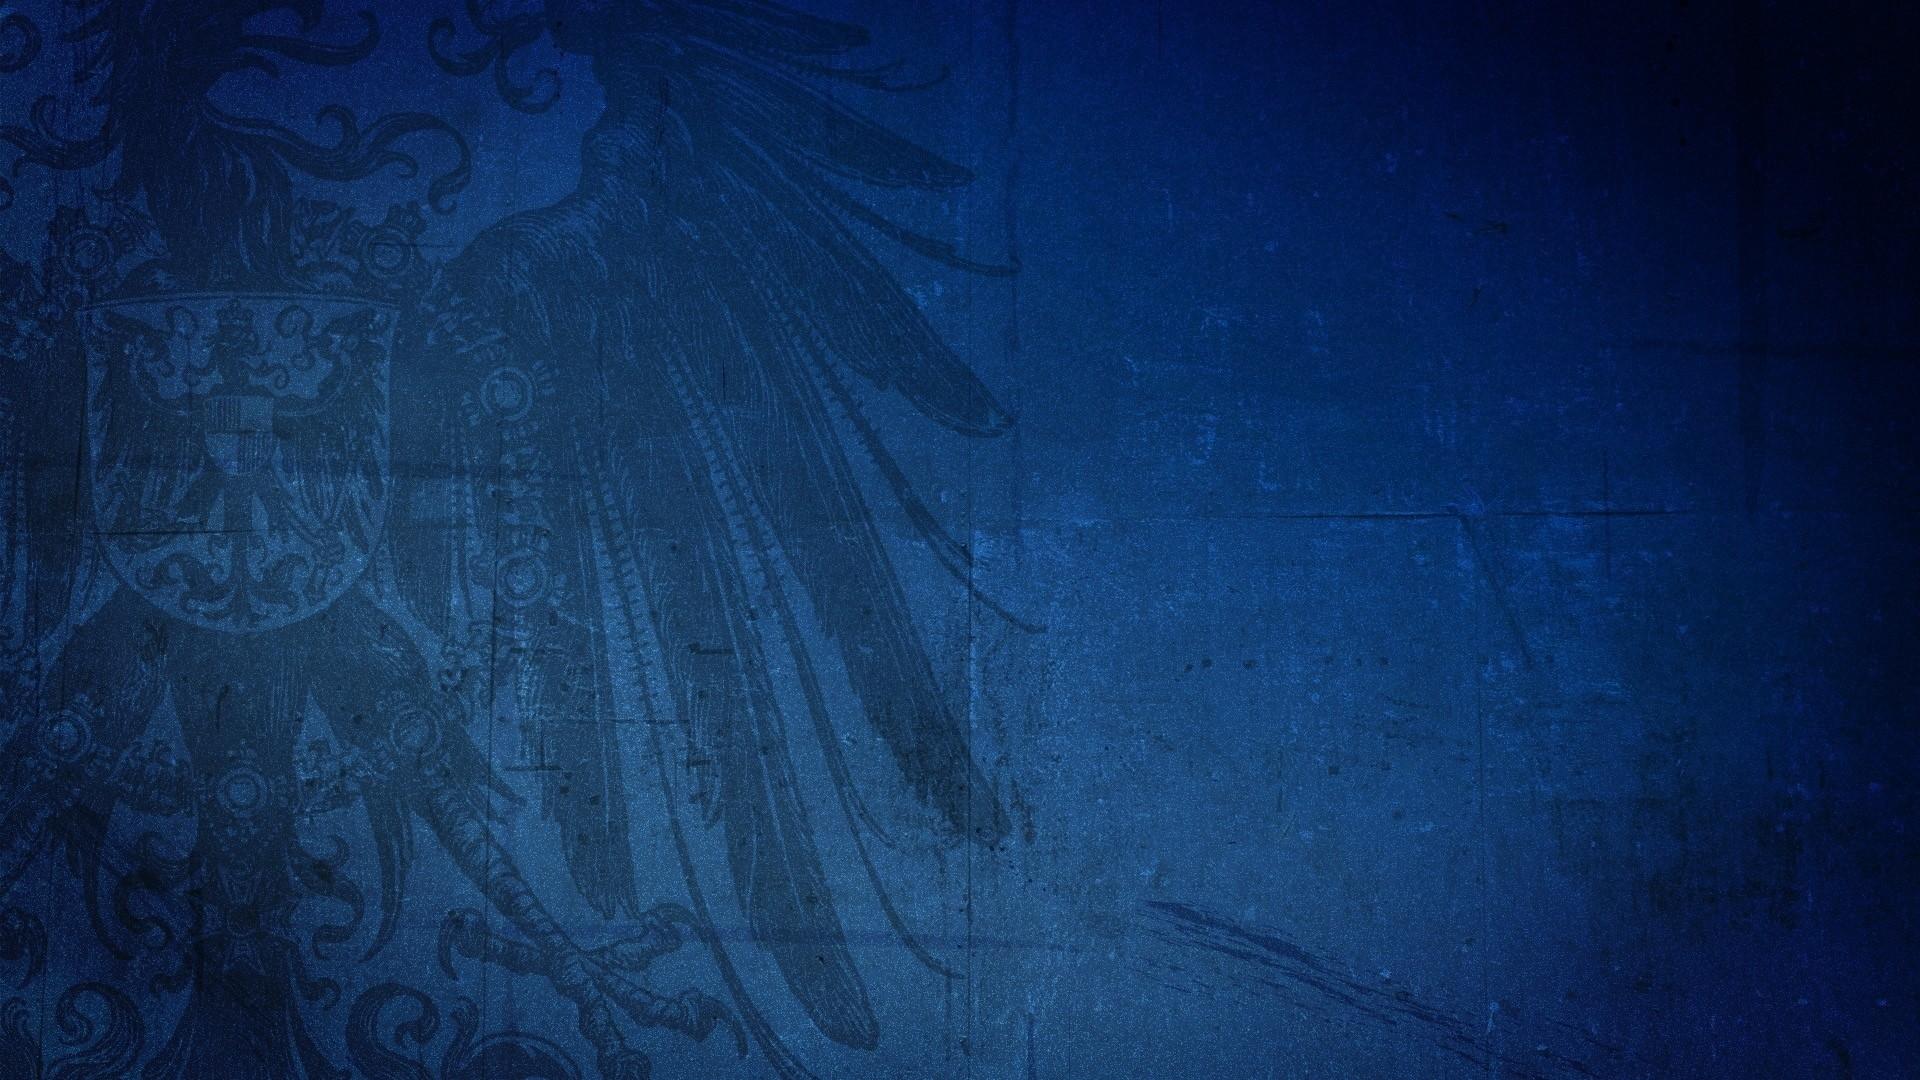 Background-Dark-Patterns-Textures